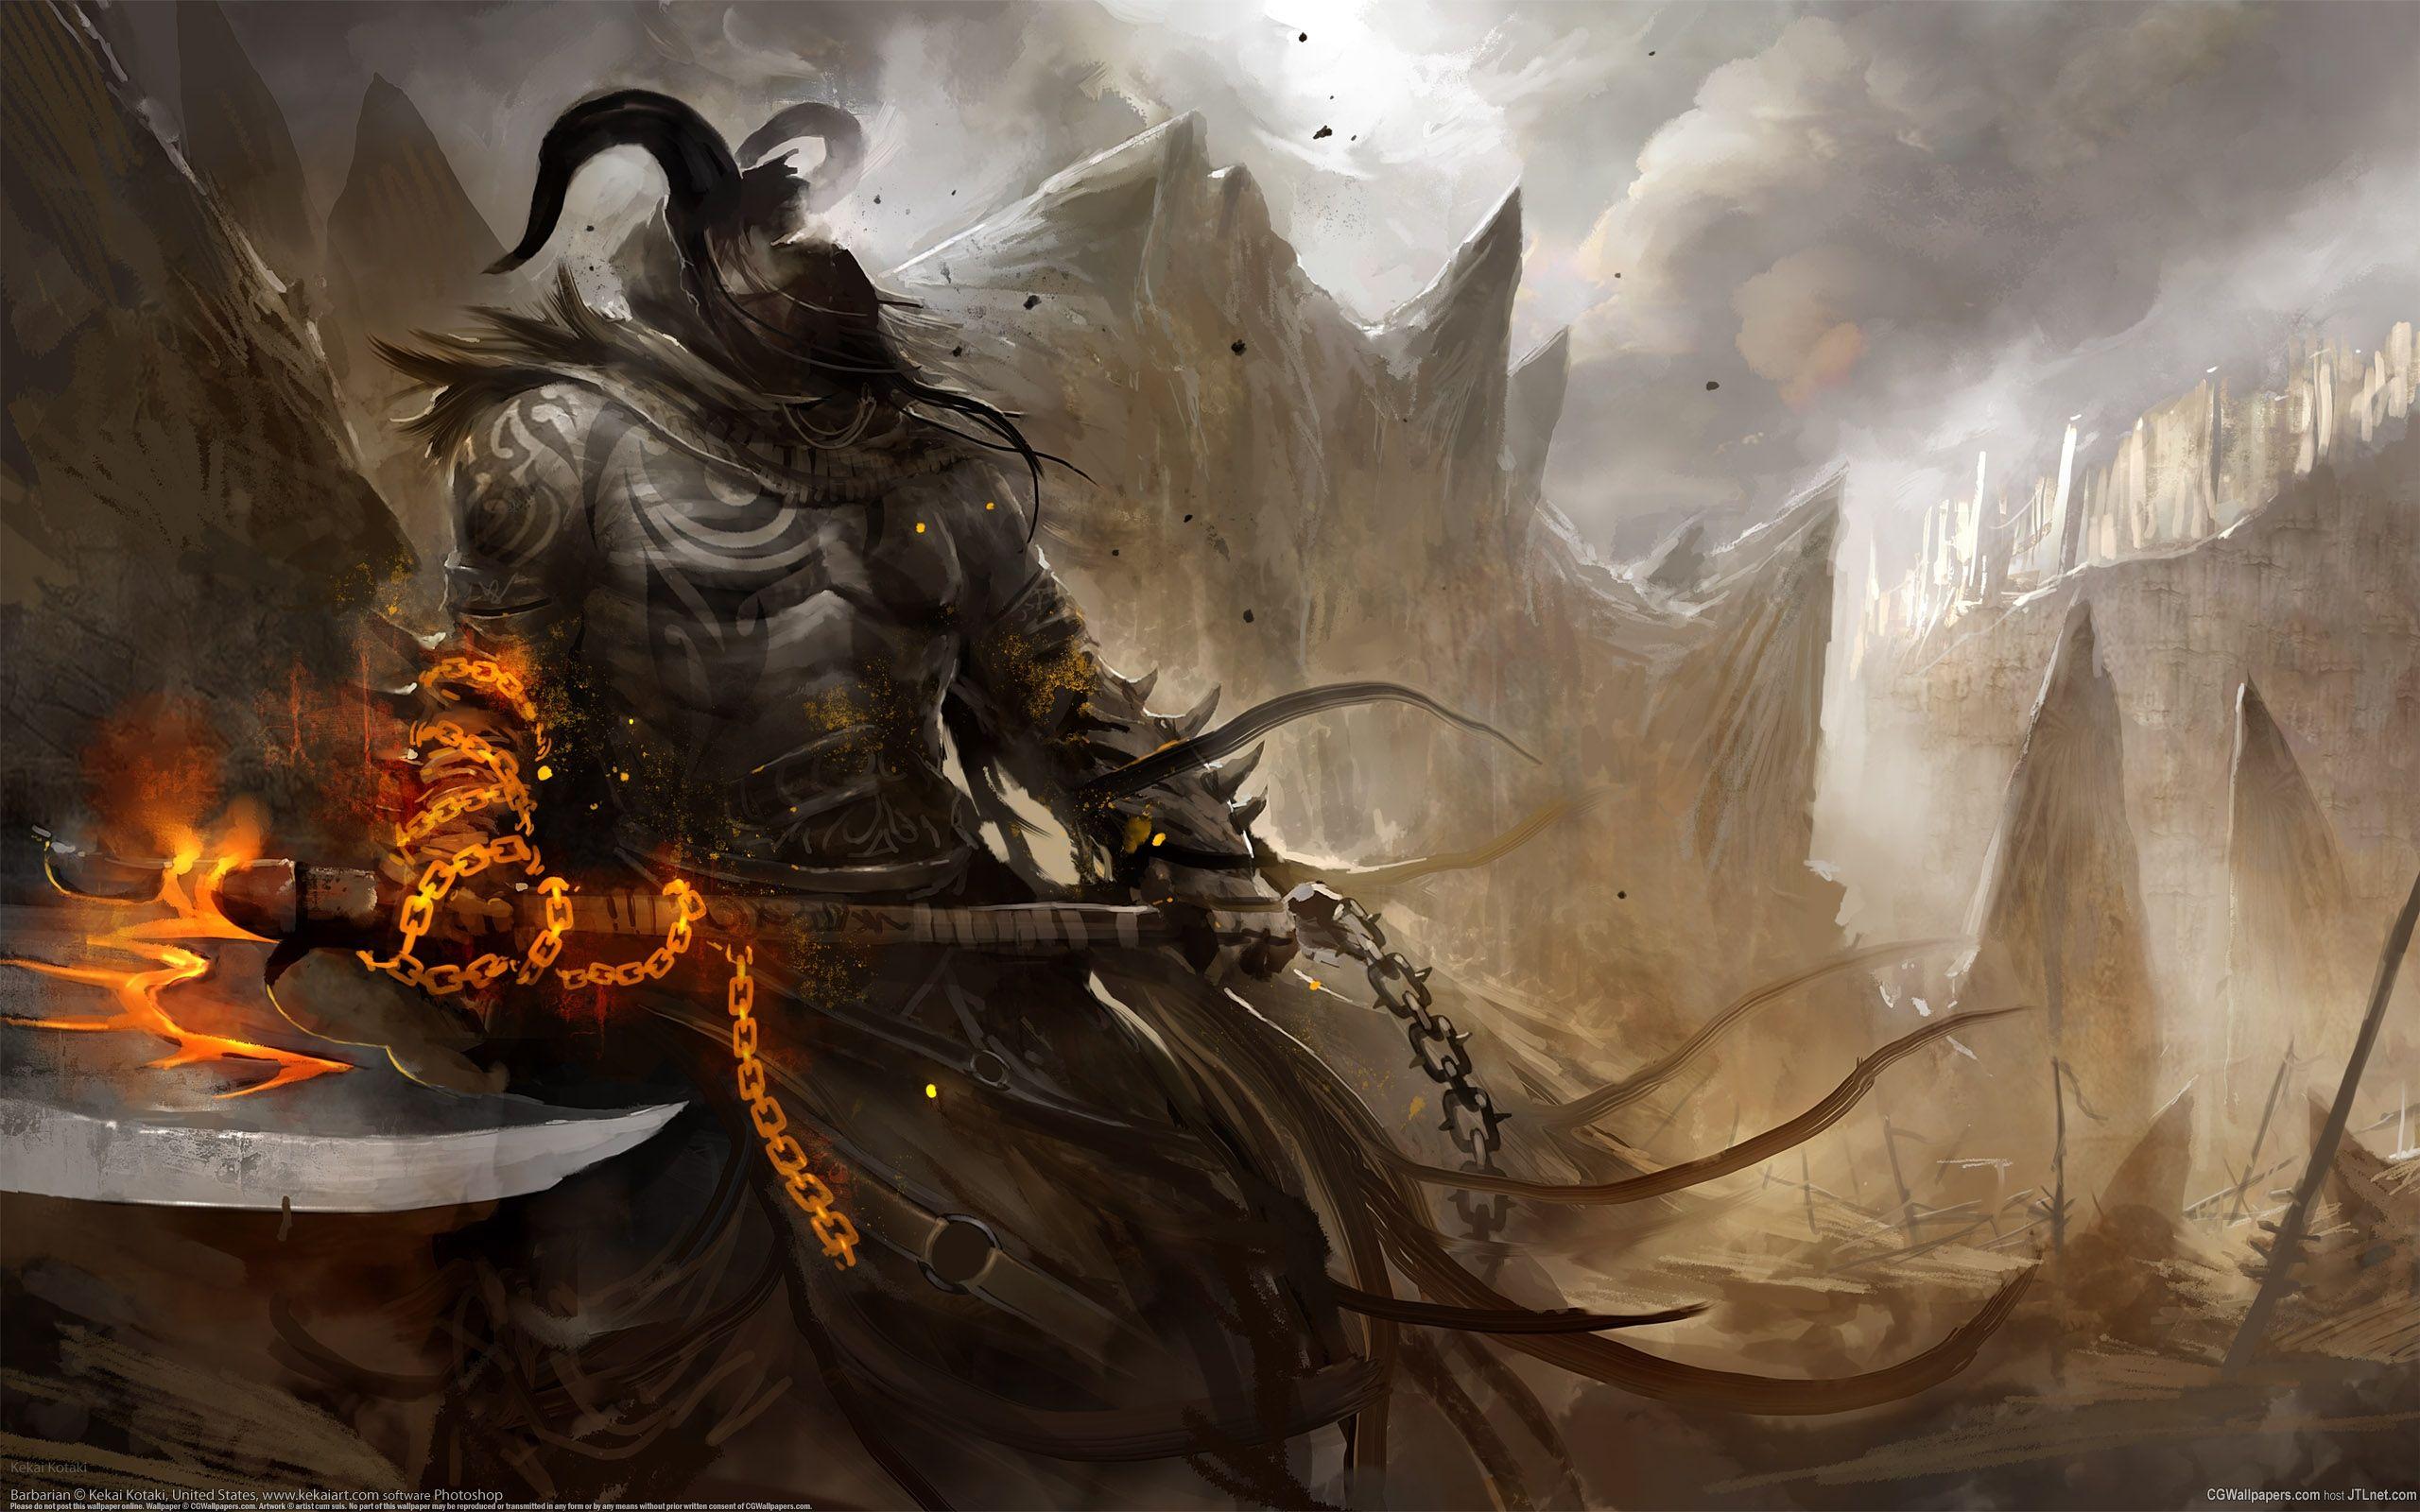 Axe Warrior Warriors Wallpaper Art Demon Art